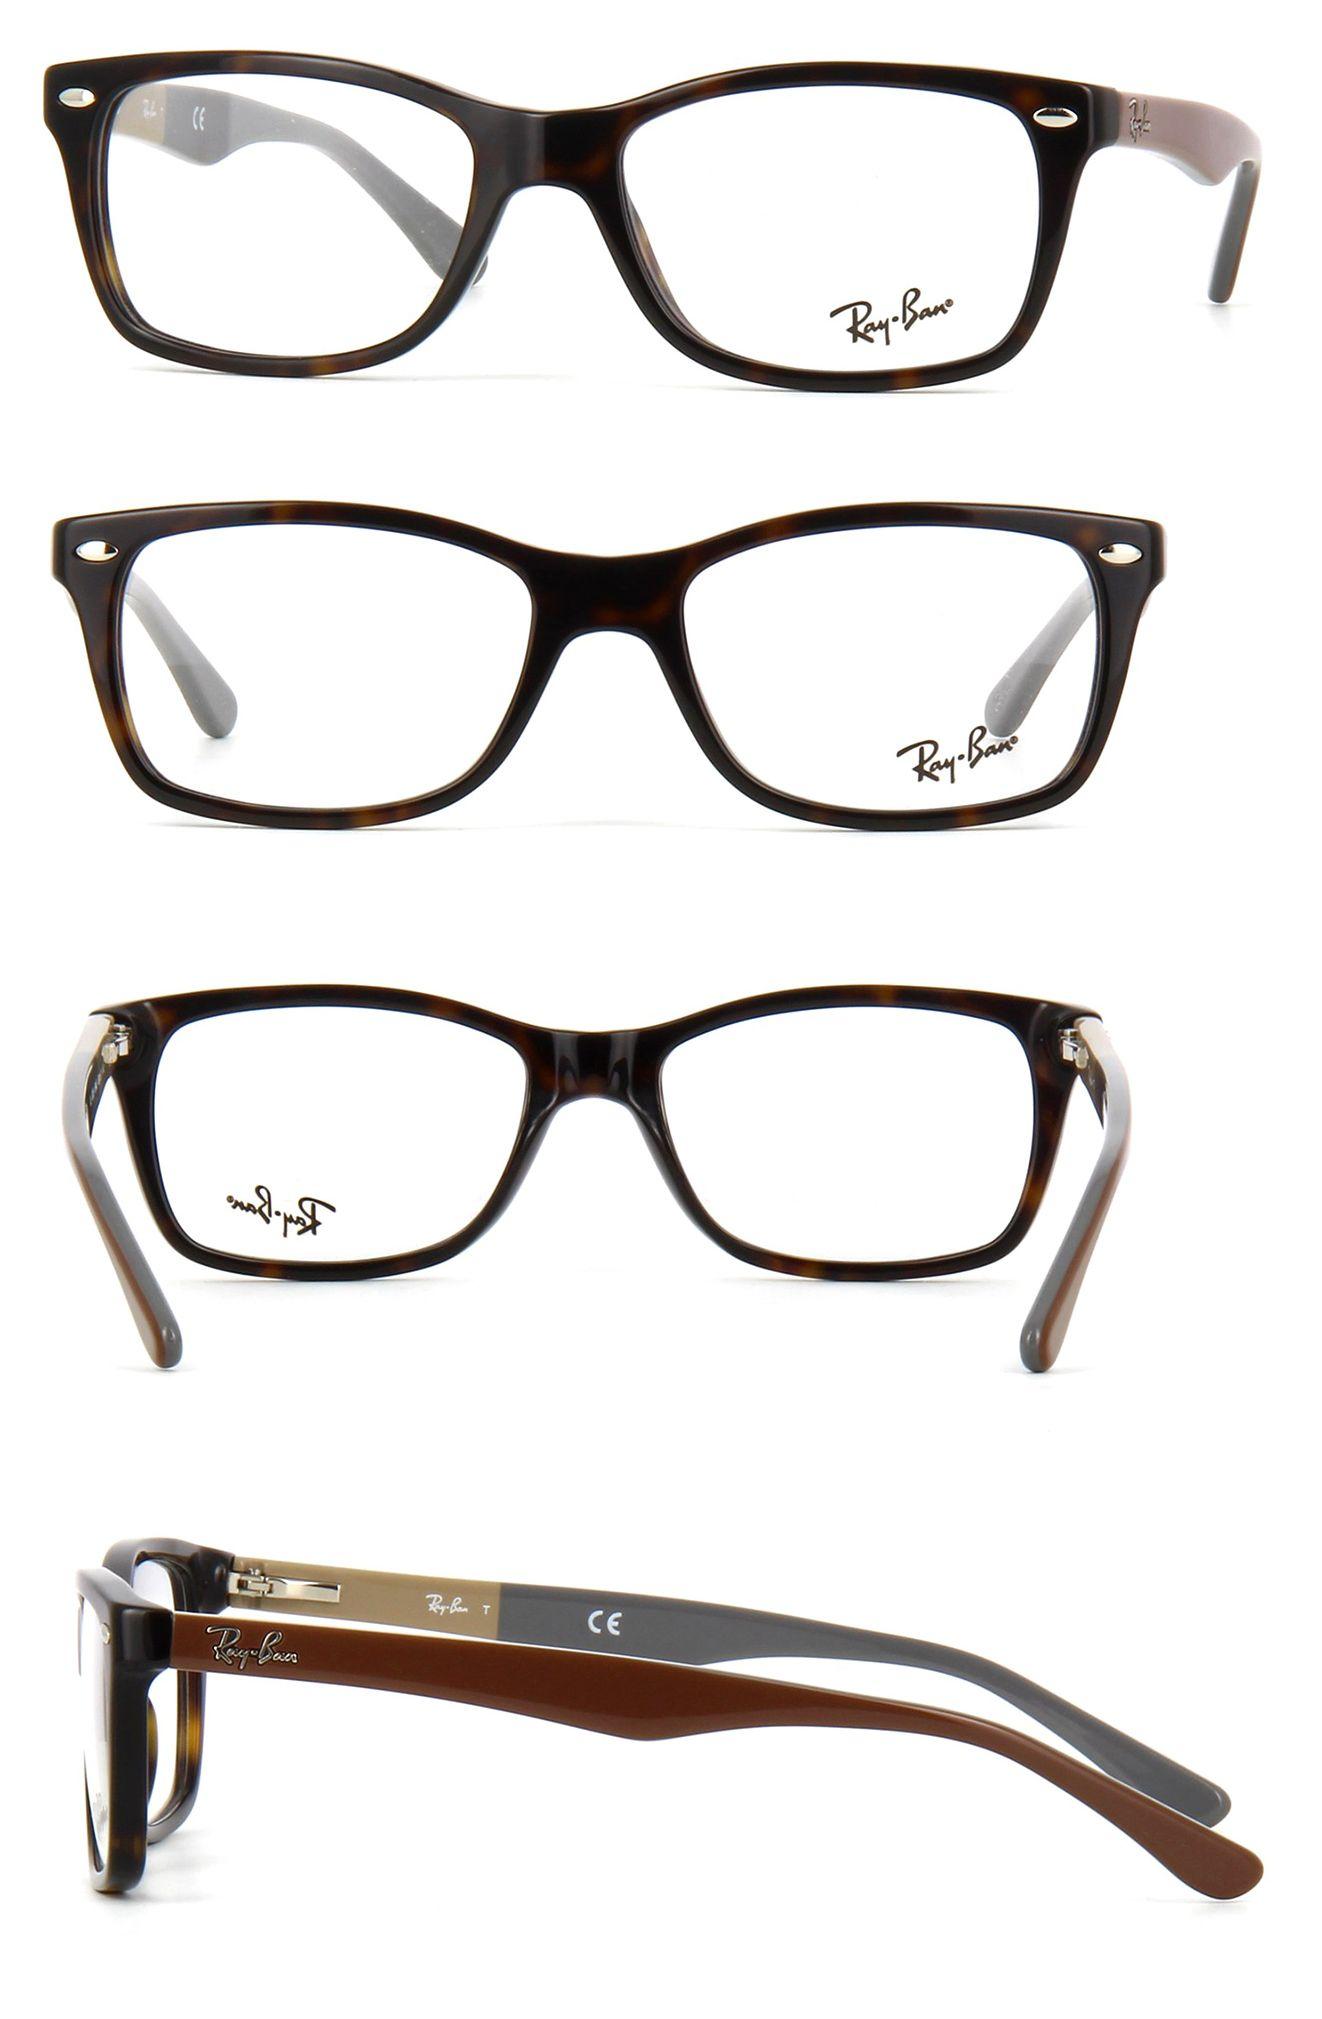 ray ban eyeglasses frames ebay